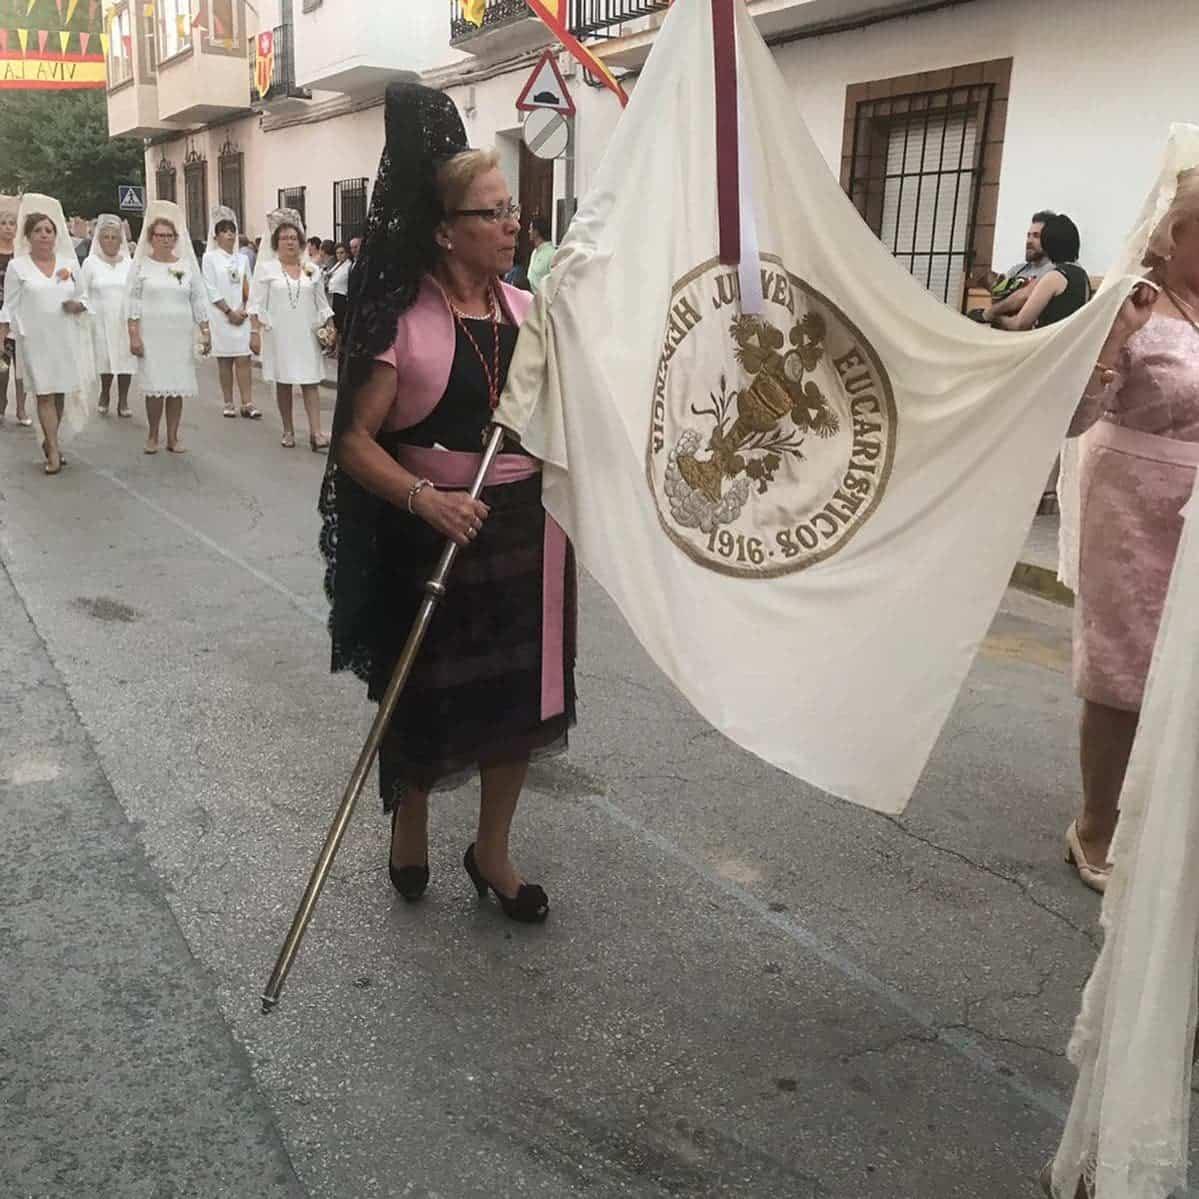 Magna procesión de nuestra Santísima Madre cierra la Feria y Fiestas herenciana 25